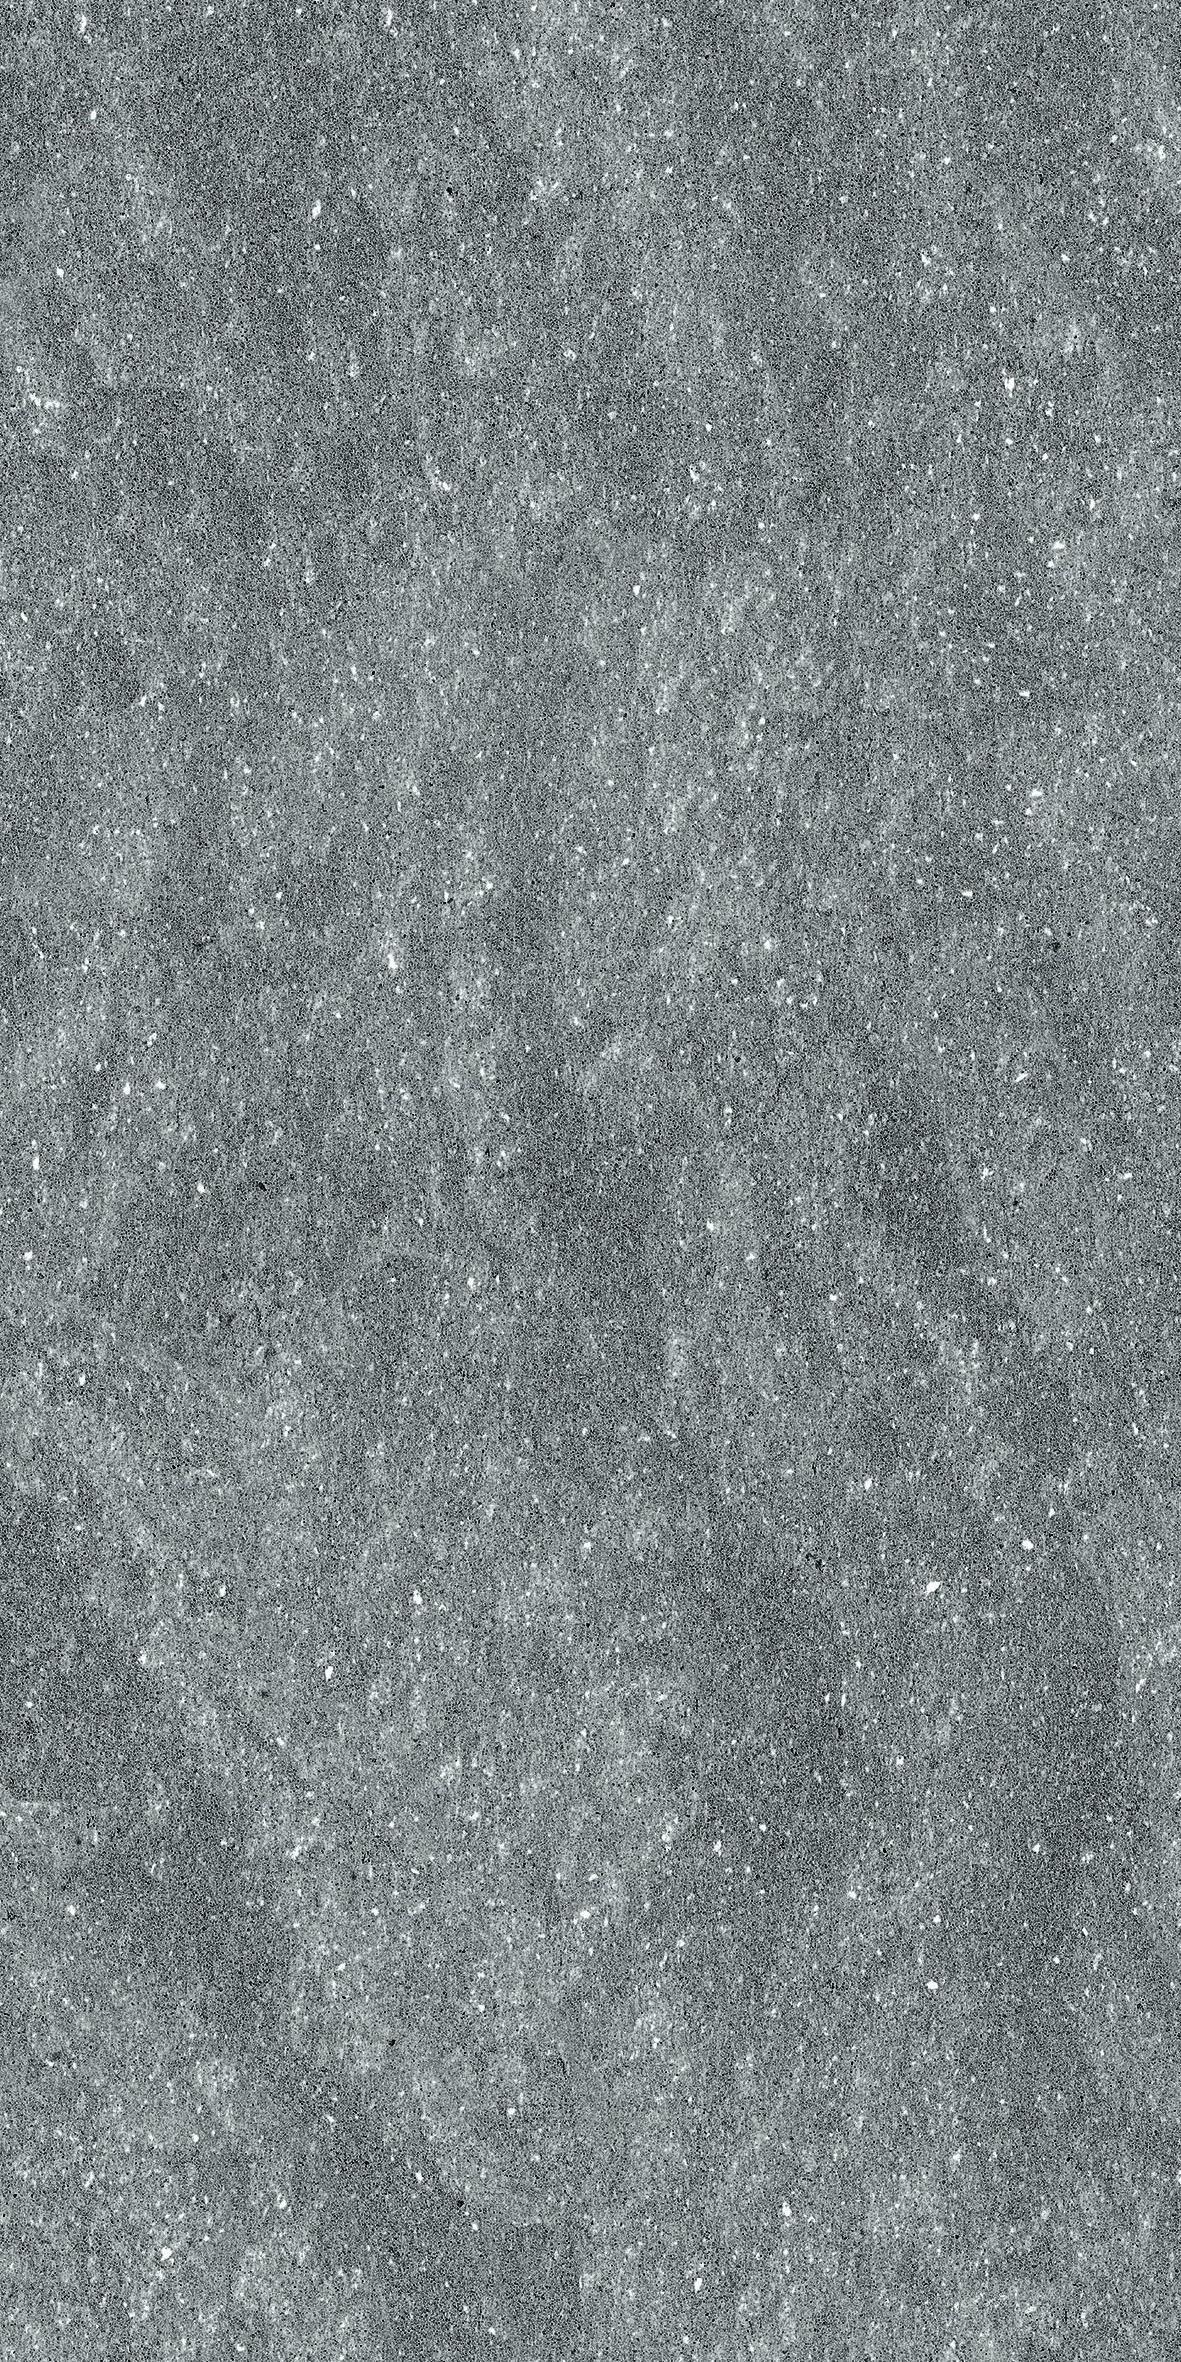 плитка из керамогранита структурированная italon дженезис 30x60 серый 610010001387 Плитка из керамогранита структурированная Italon Дженезис 30x60 серый (610010001387)